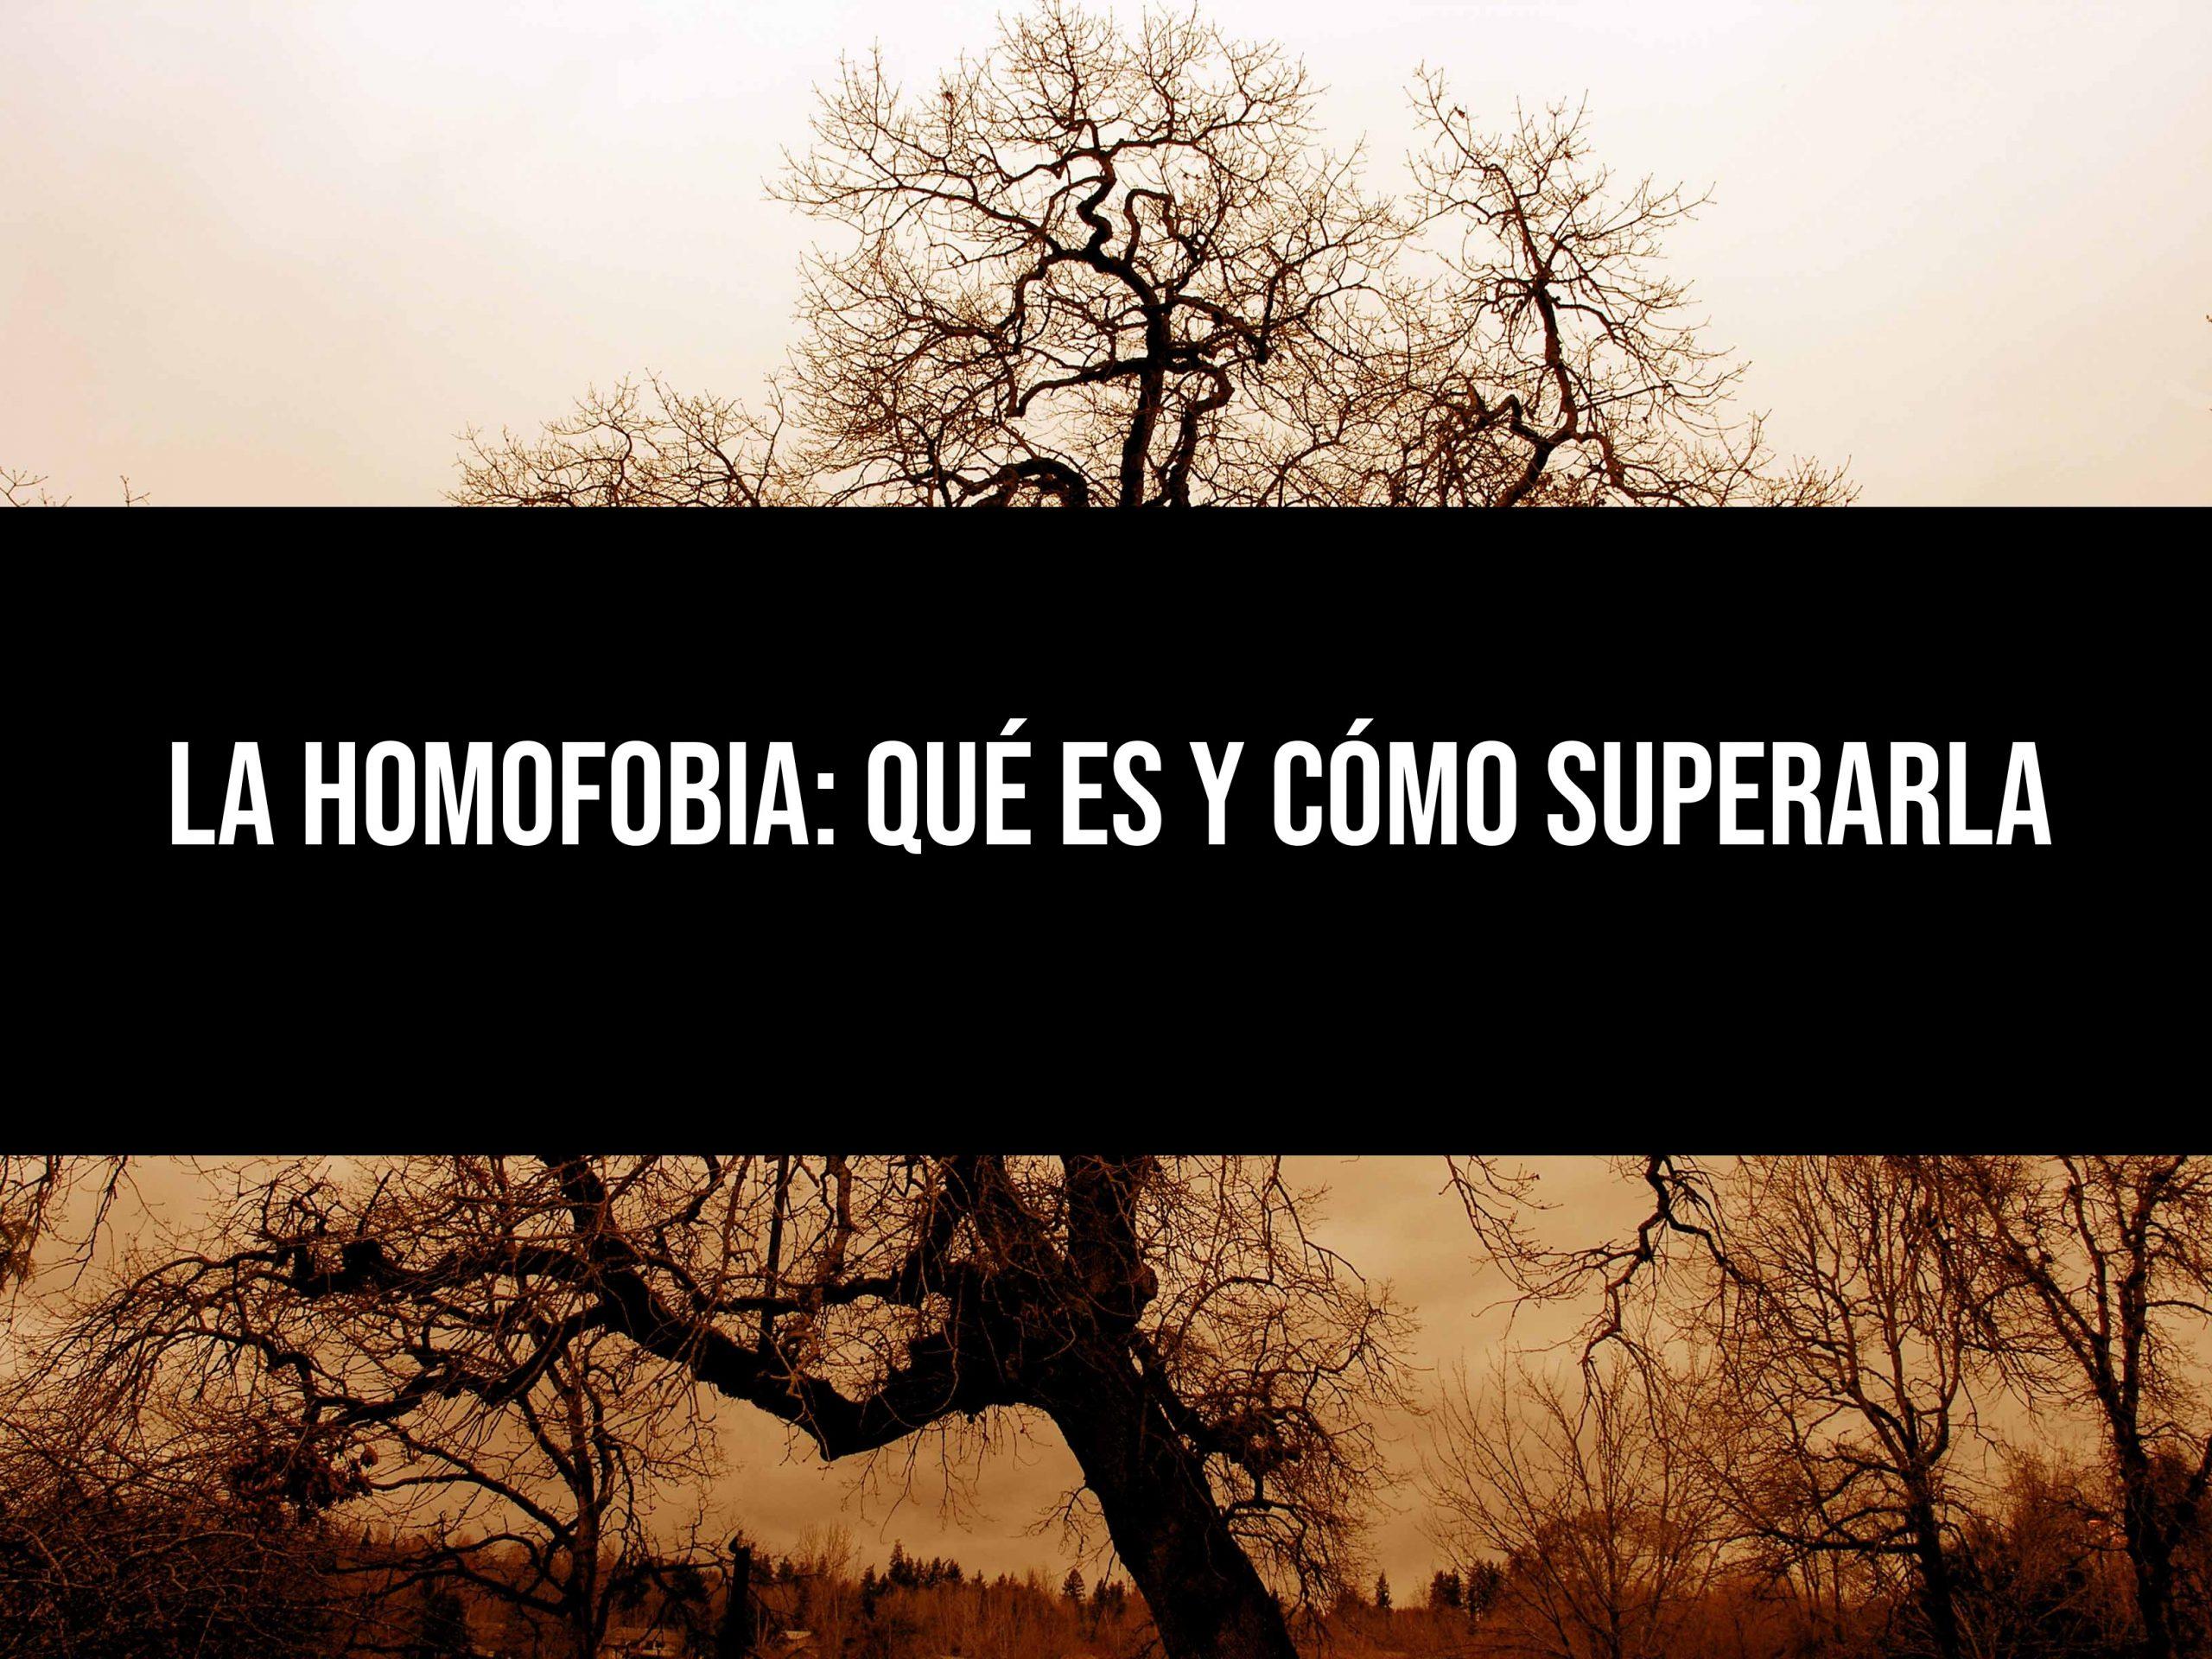 La homofobia: qué es y cómo superarla